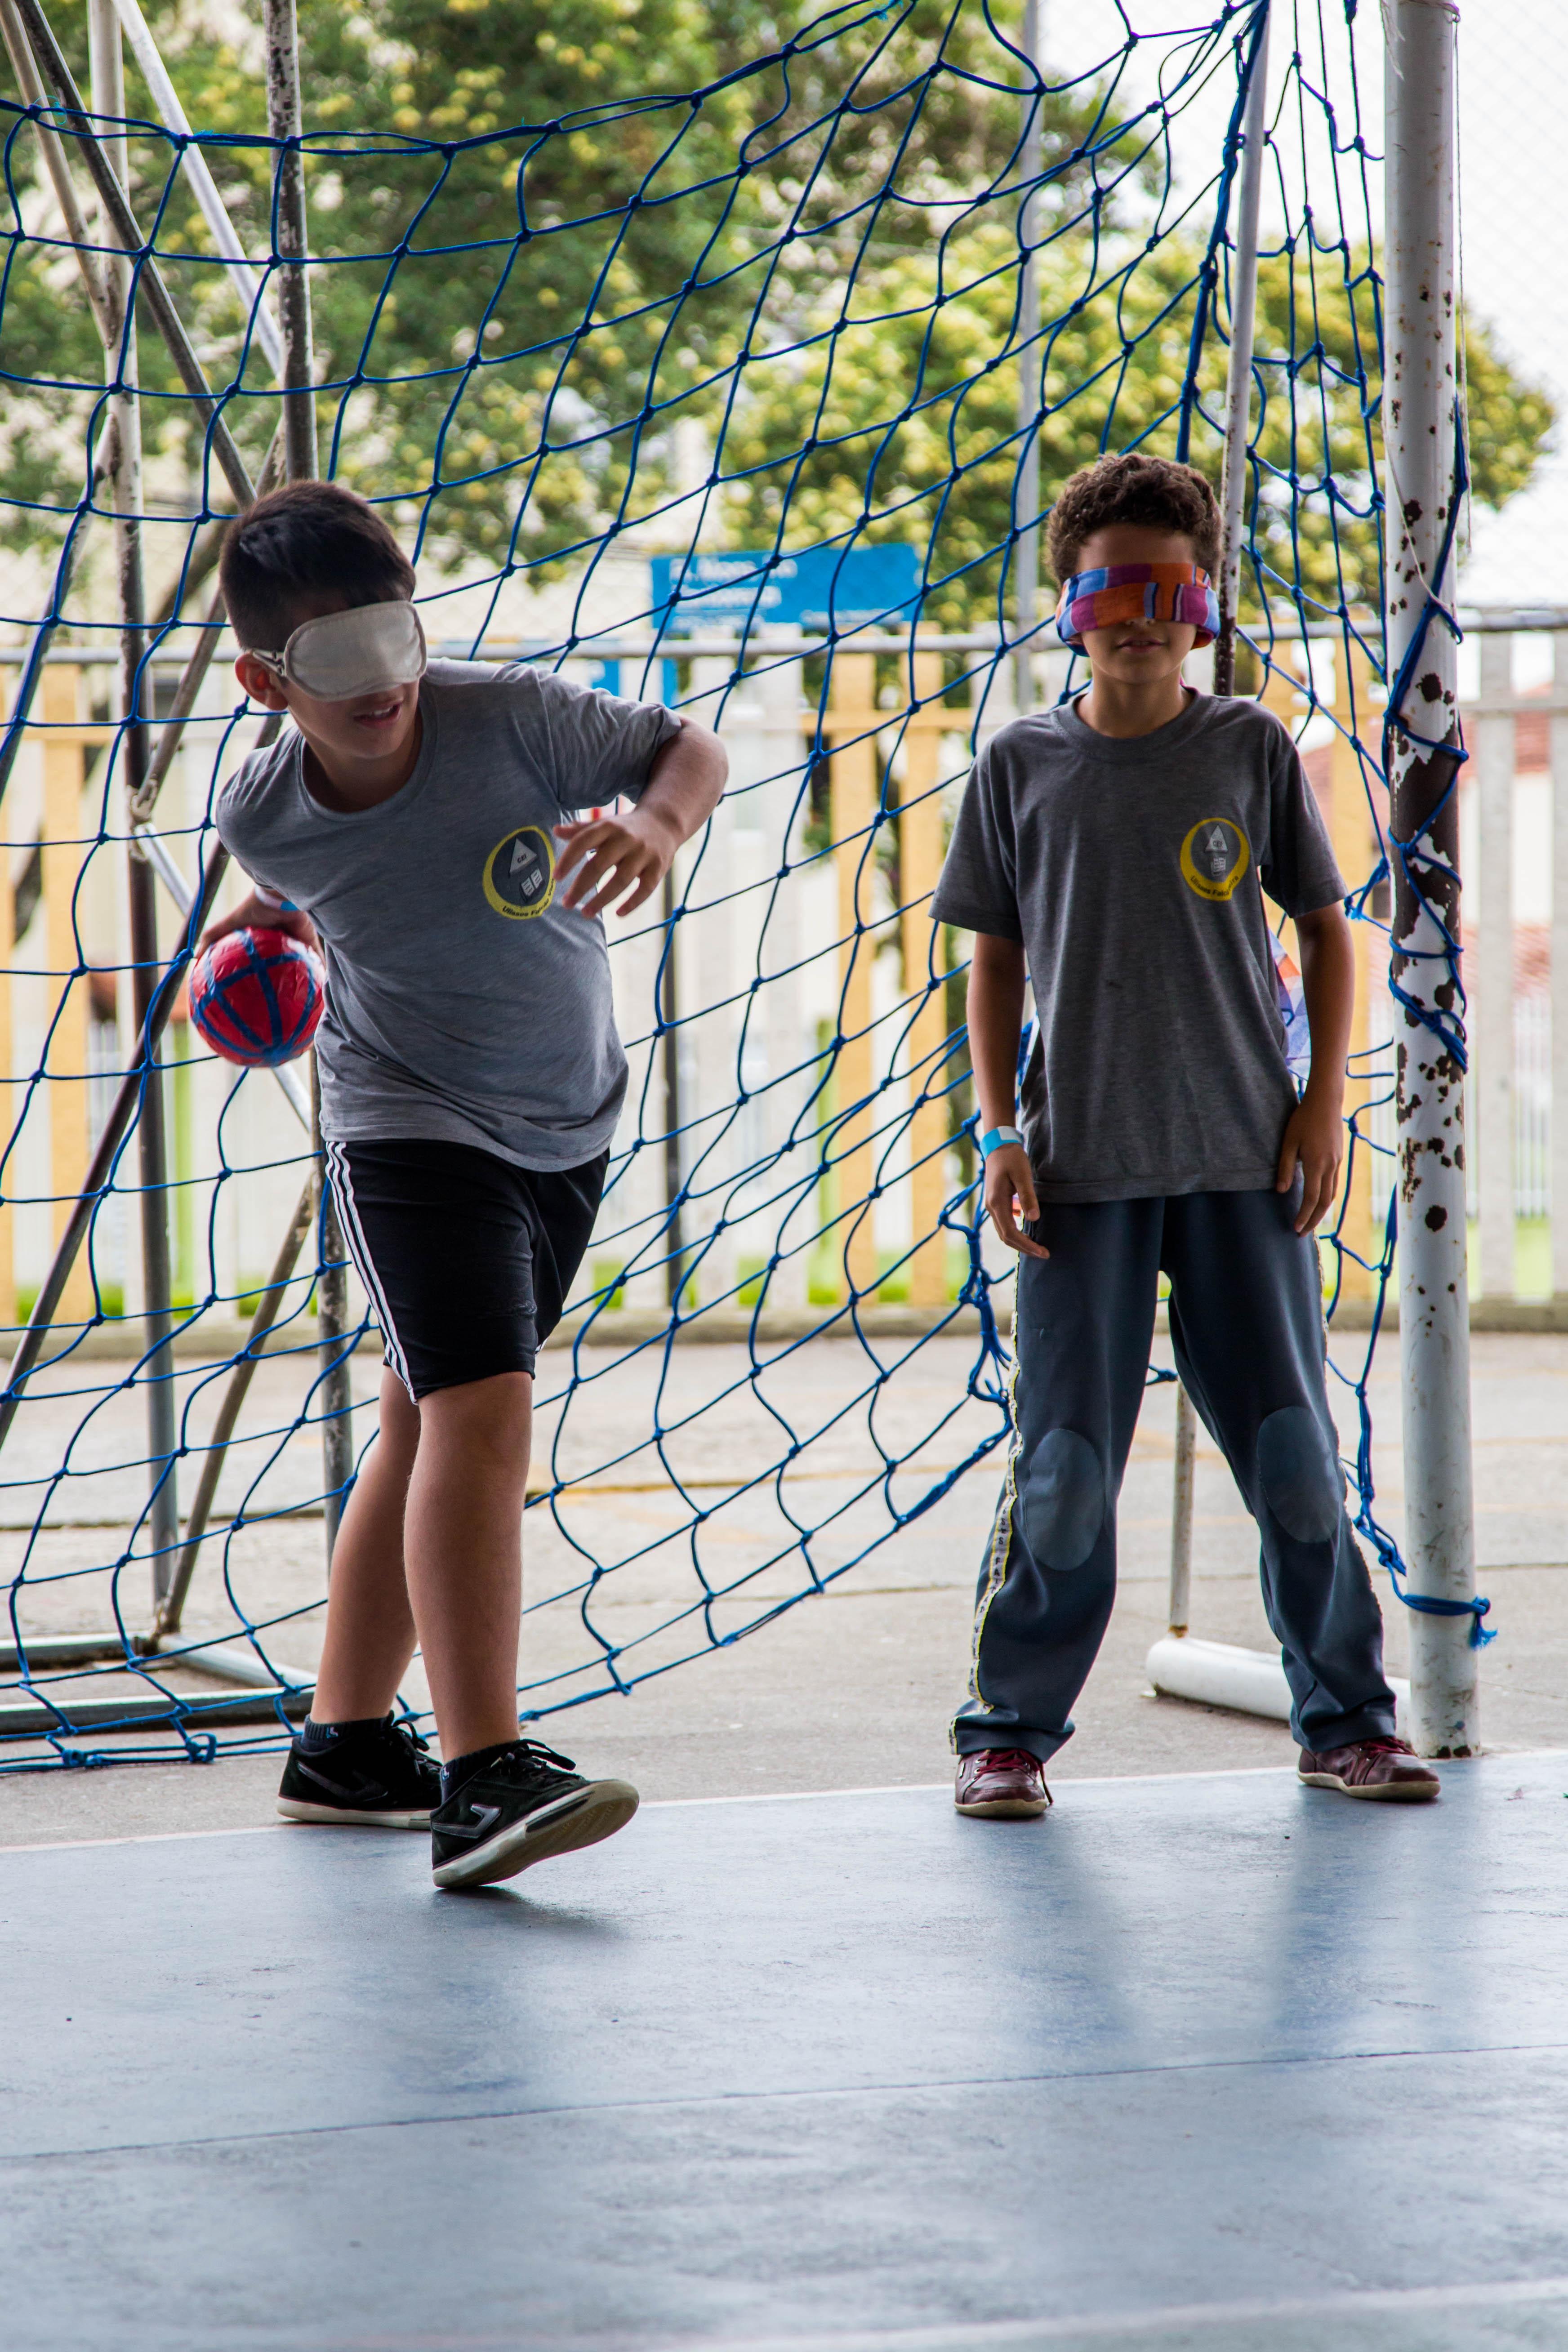 Dois meninos vestem uniformes escolares e têm os olhos vendados. Eles estão à frente de uma rede de gol em uma quadra esportiva. O garoto à esquerda segura uma bola de tamanho médio e faz movimento com o braço para arremessá-la.